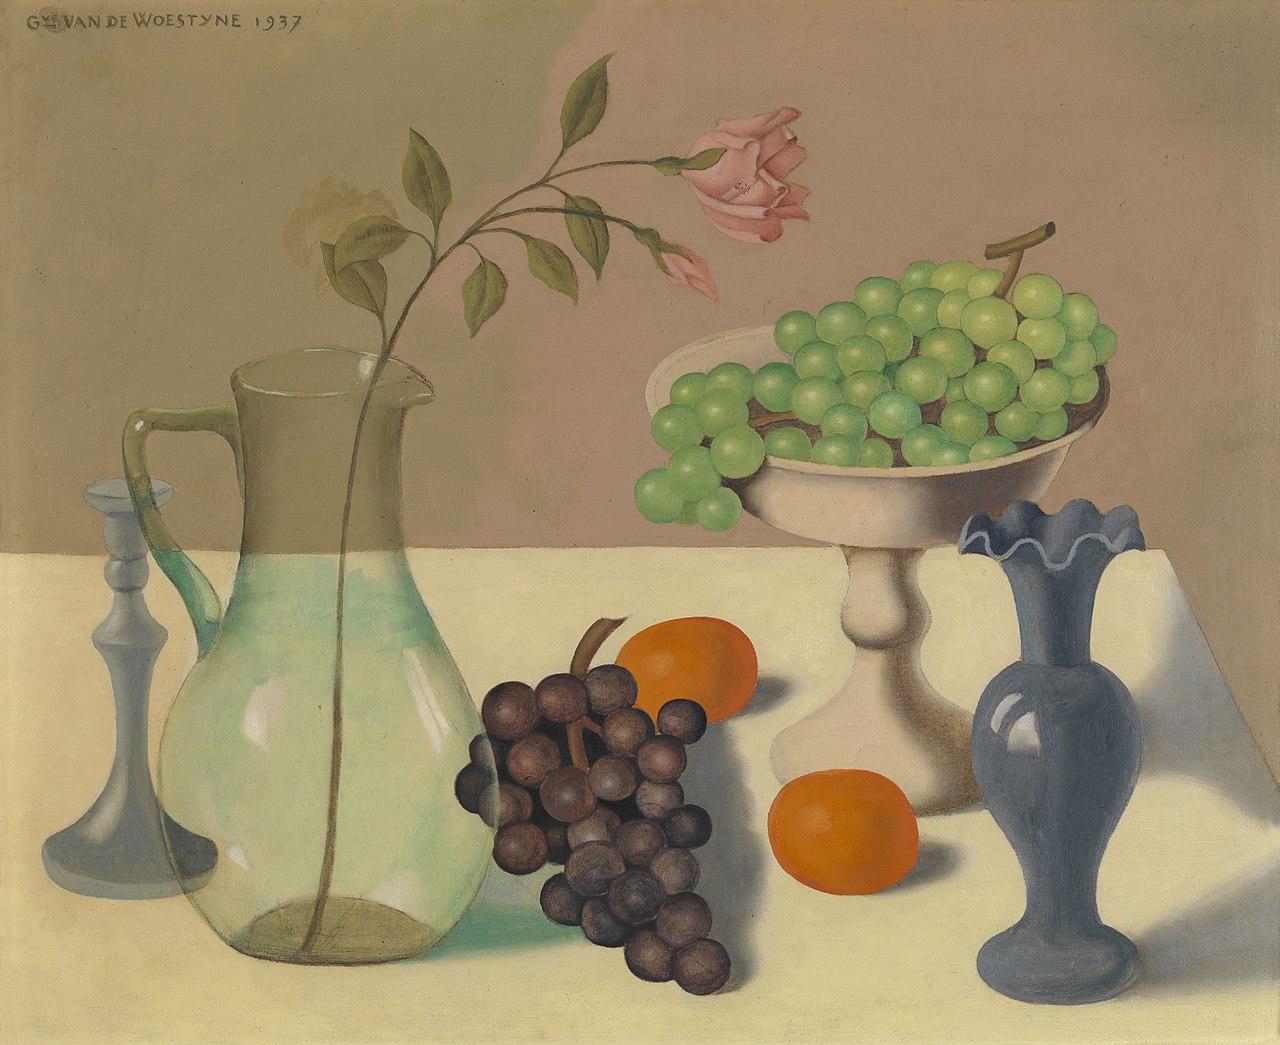 1280px-Stilleven_met_druiven,_Gustave_Van_de_Woestyne,_1937,_Koninklijk_Museum_voor_Schone_Kunsten_Antwerpen.jpg